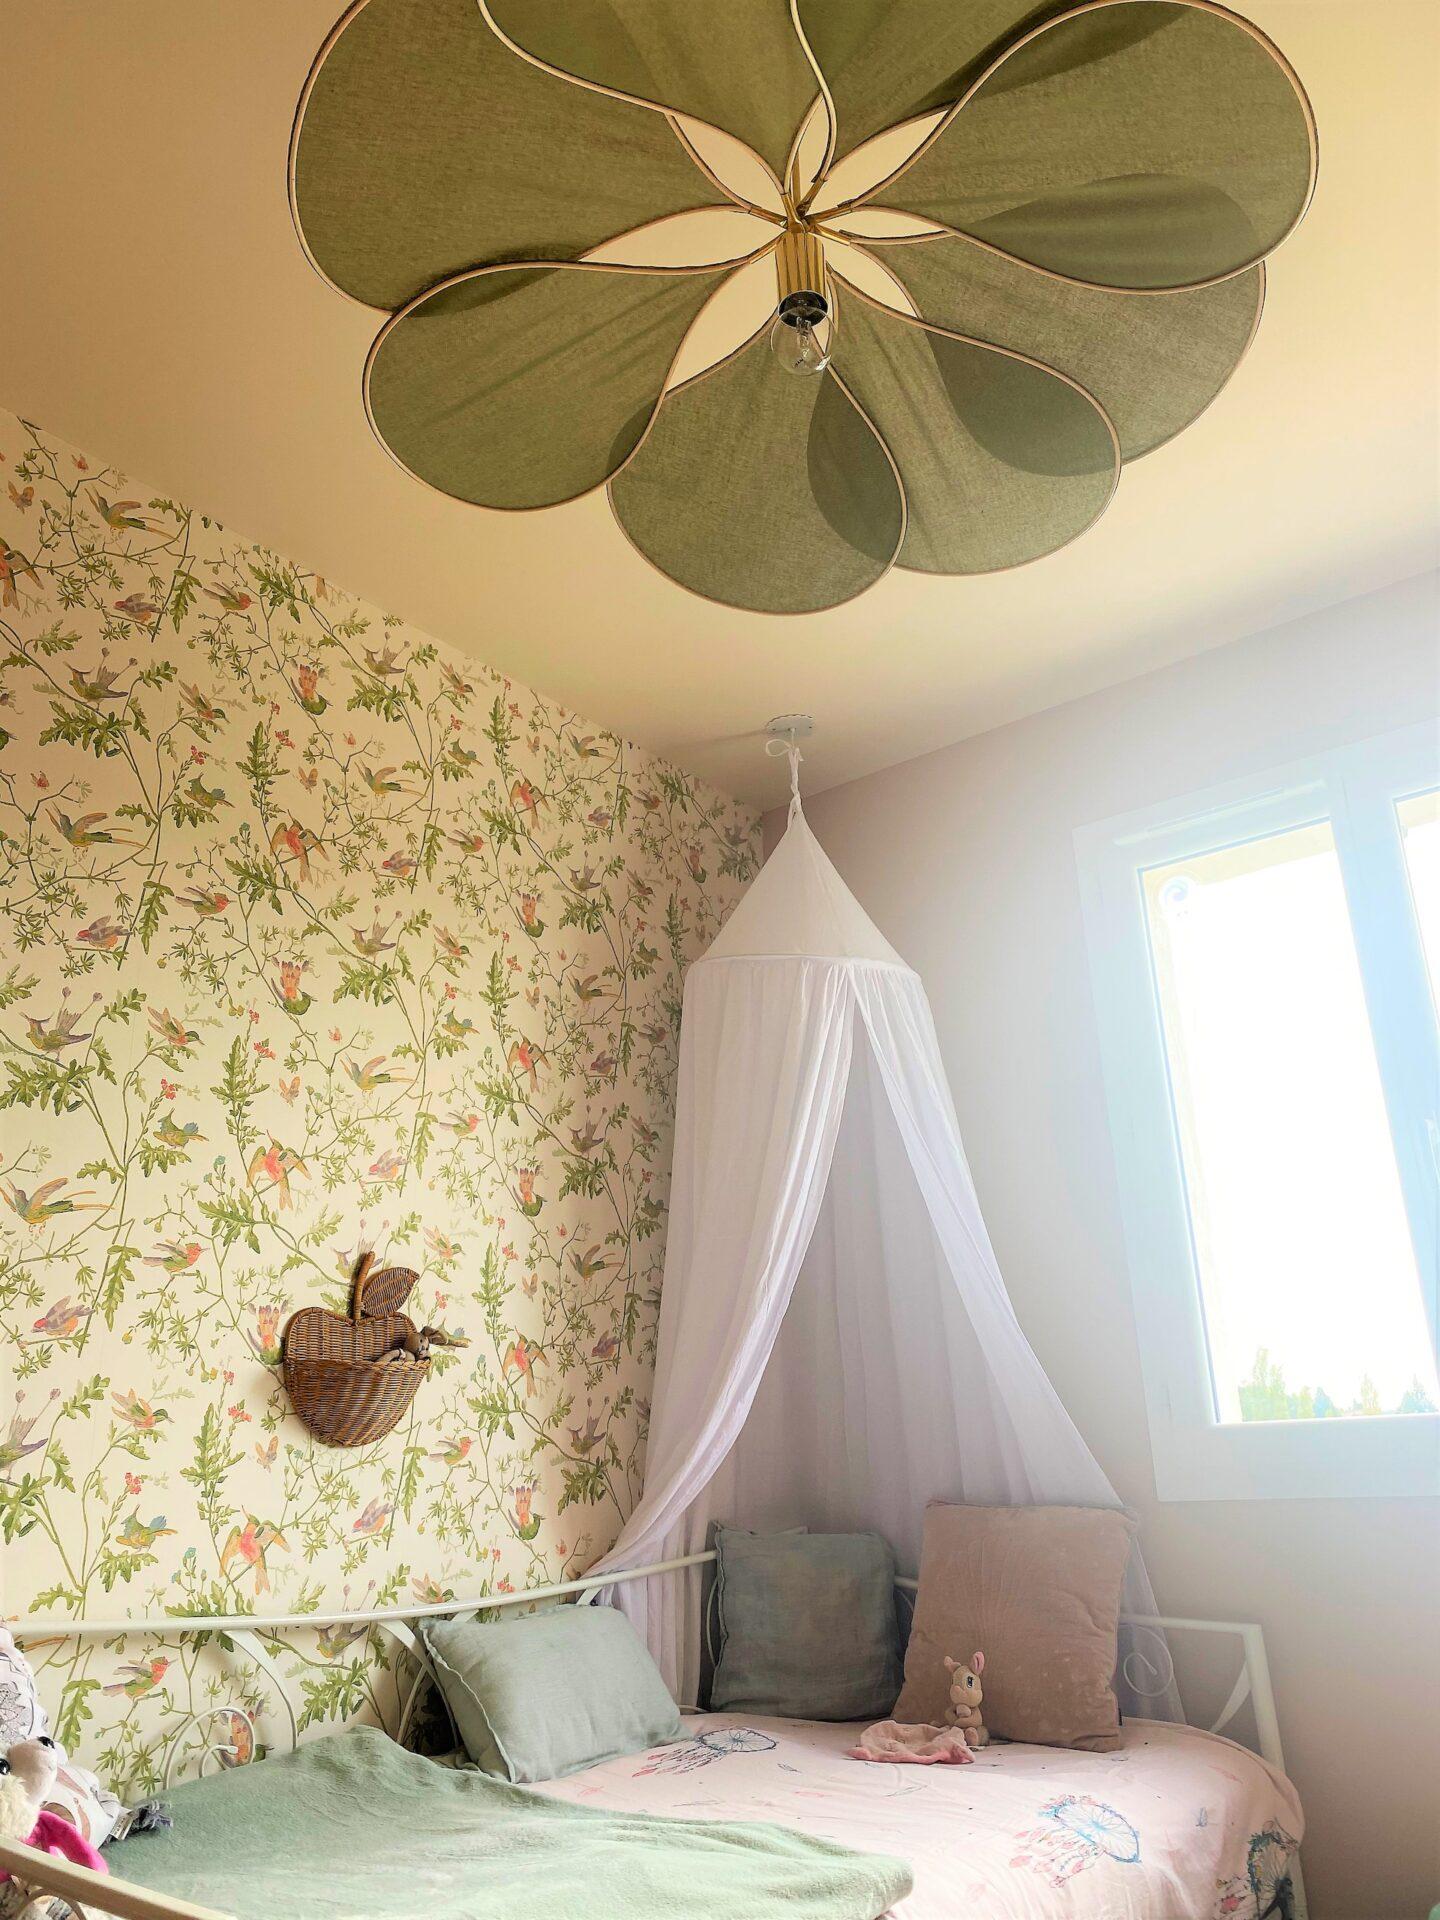 Décoration et agencement Villa à Saint Maximin la Sainte baume- La chambre fille avec ciel de lit blanc, par Myll décors , Agence de décoration à Aix en provence et dans le Var